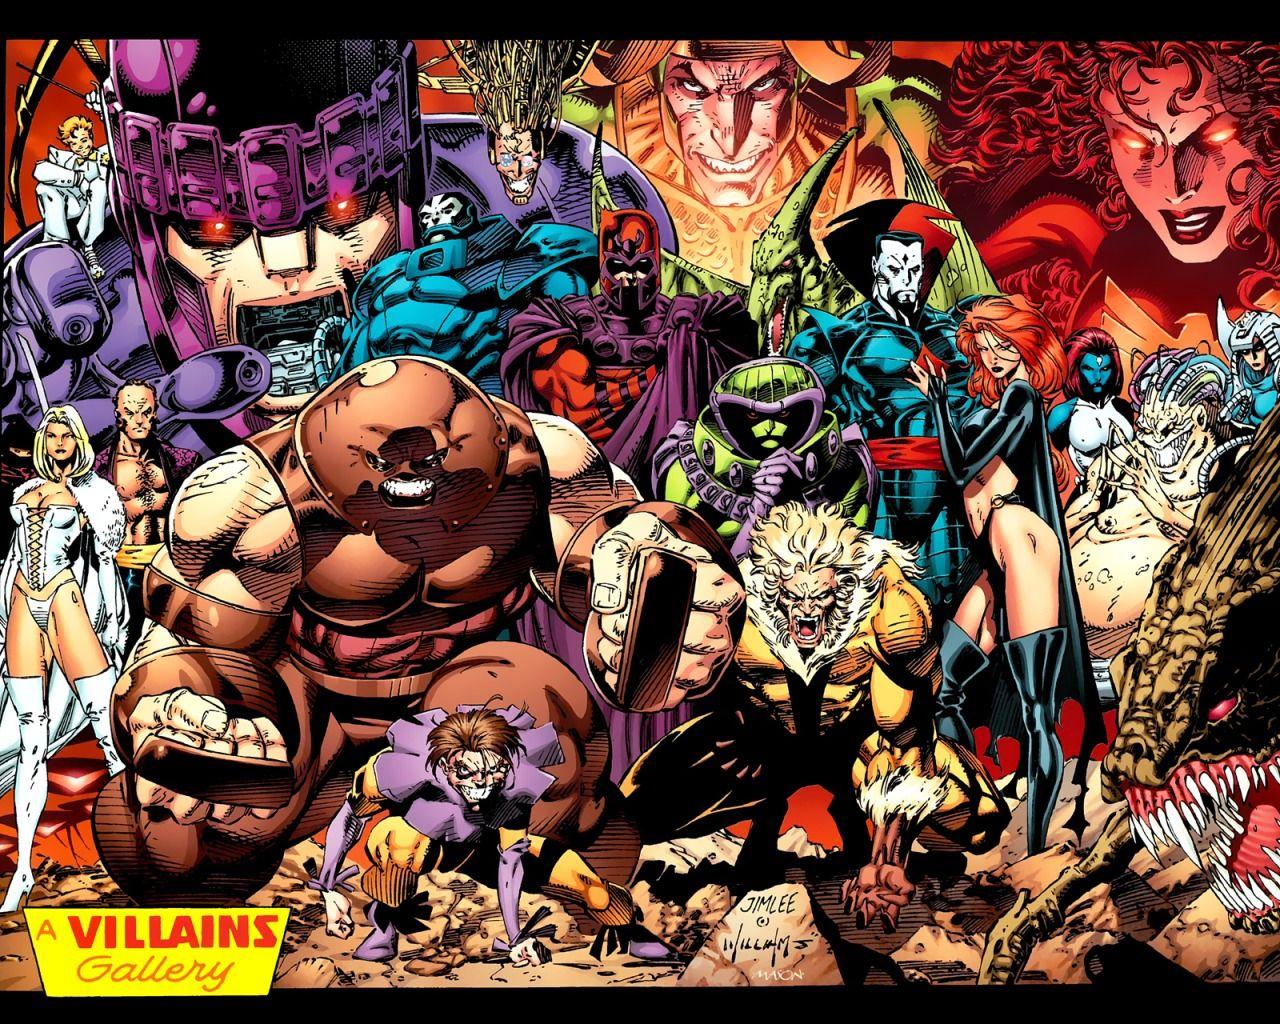 A R C H I V E Comicbookfanzevad X Men Villains By Jim Lee Jim Lee Art Marvel Comic Books Comics Artwork